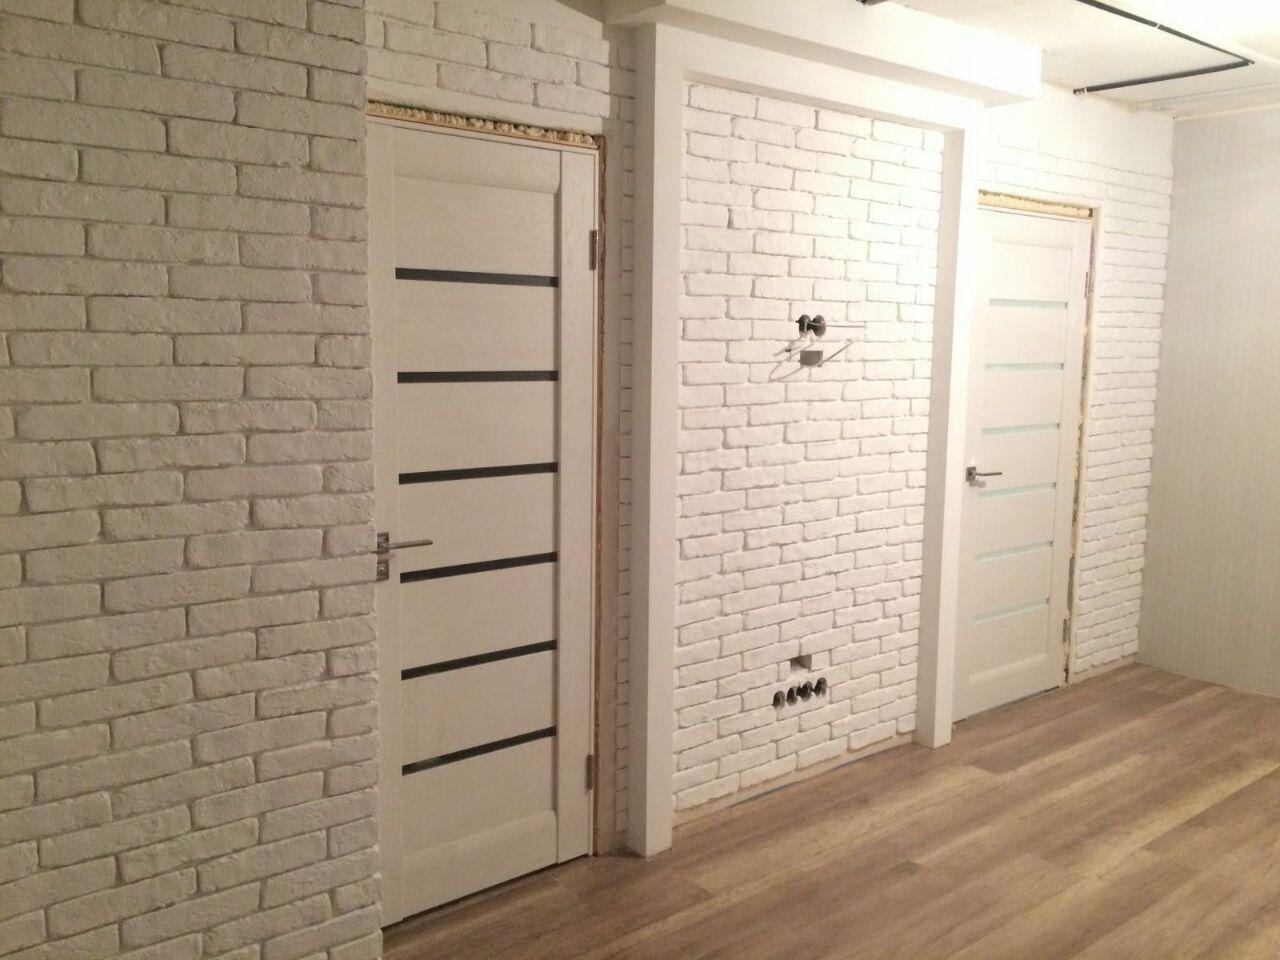 Гипсовый кирпич. Гипсовая плитка под кирпич. Имитация кирпичной кладки в  интерьере квартиры с помощью гипсовой плитки под кирп… | Плитка под кирпич,  Плитка, Кирпич